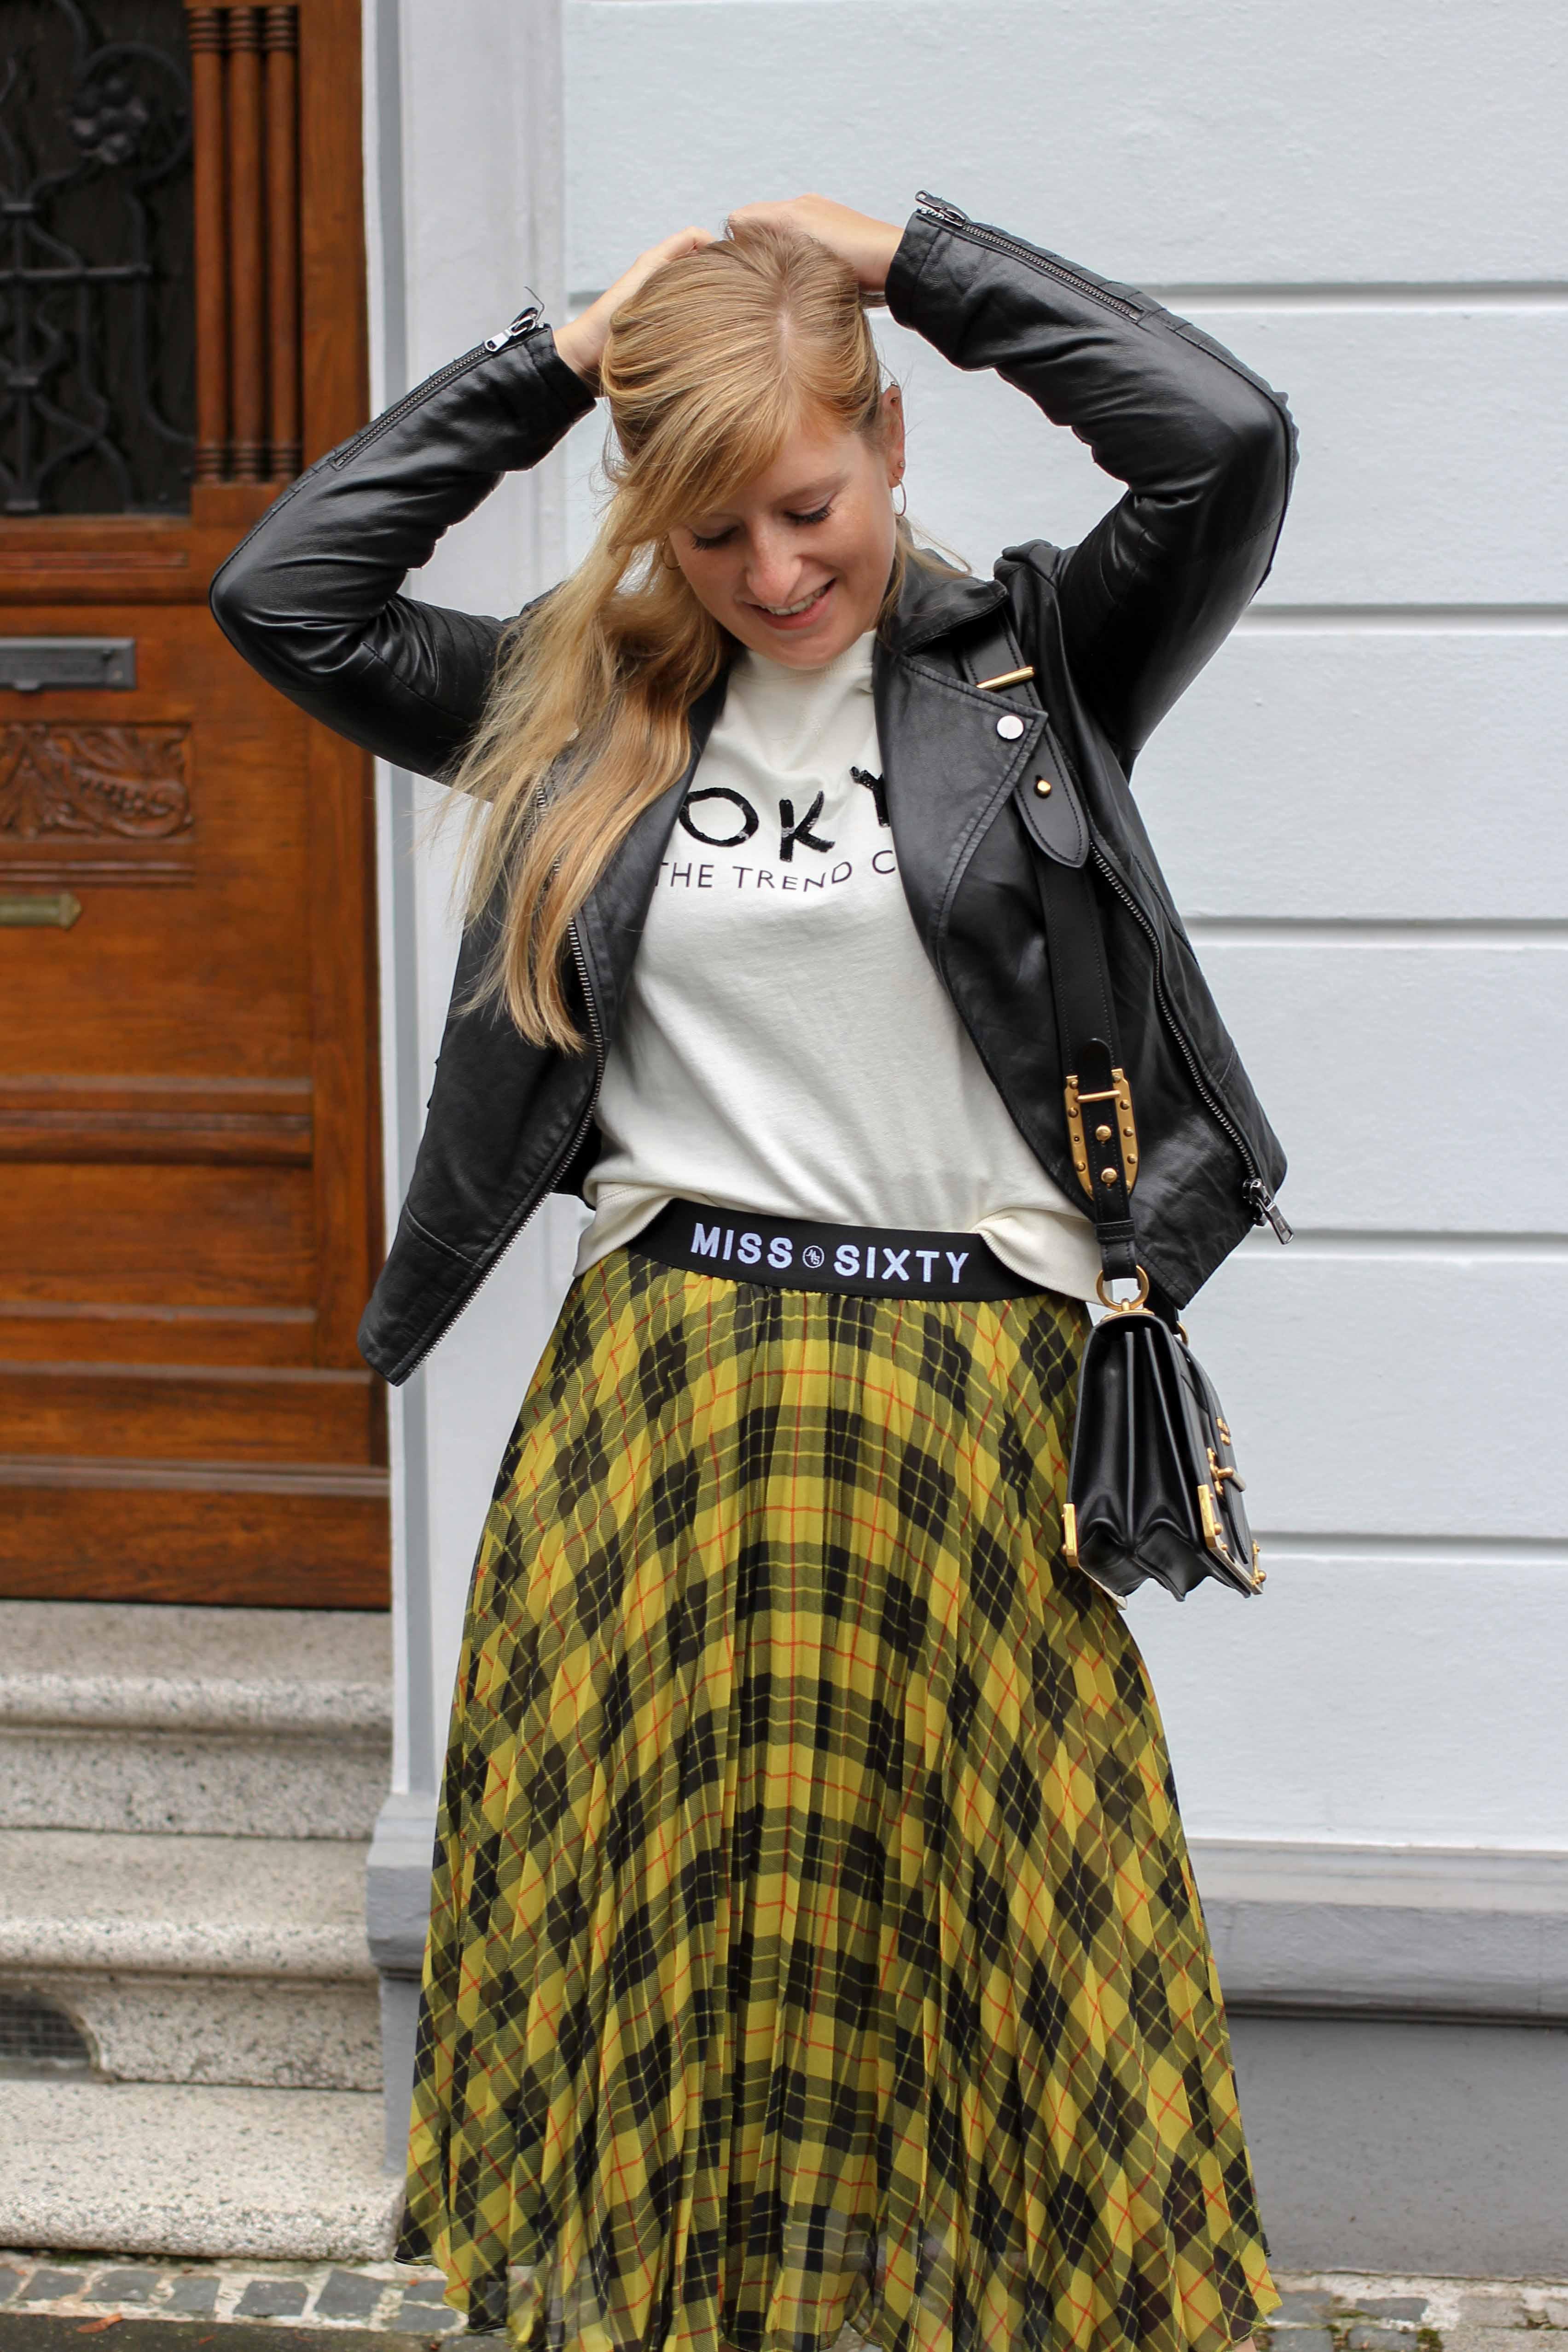 Midi Karo Rock mit Zierfalten Statement-Bund Logo am Bund Miss Sixty karrierter Rock Midirock Streetstyle Outfit Modeblog 2